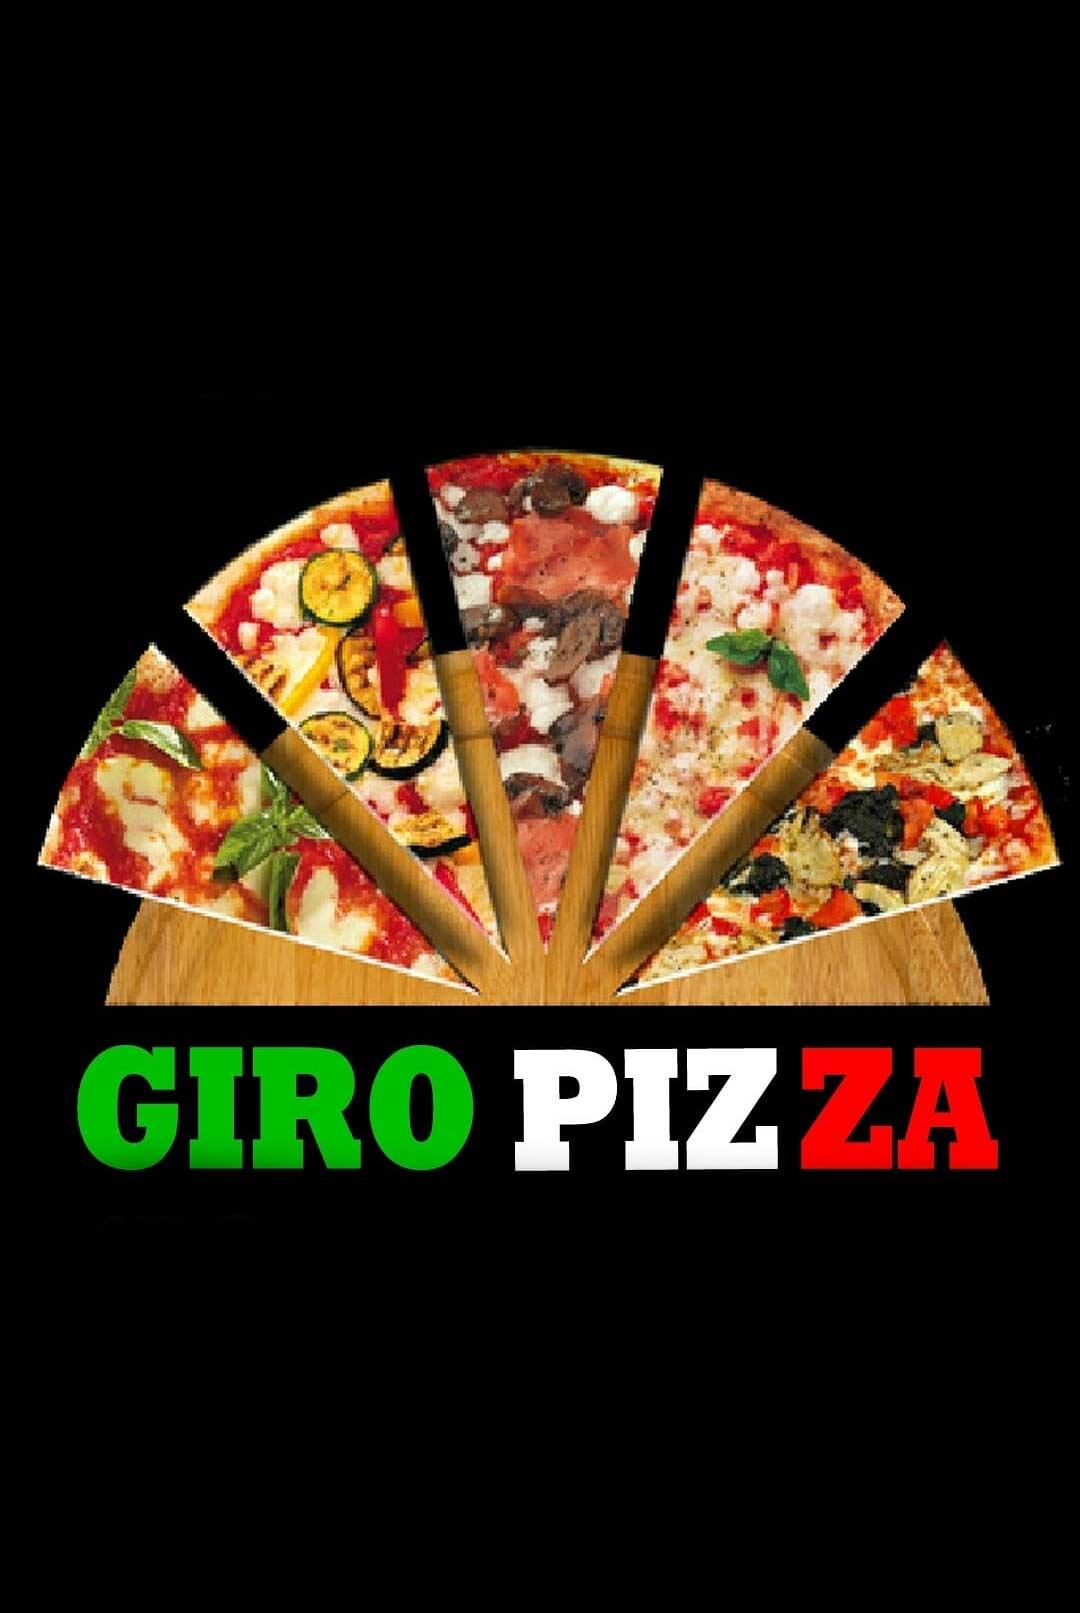 Giro Pizza 17/10/20